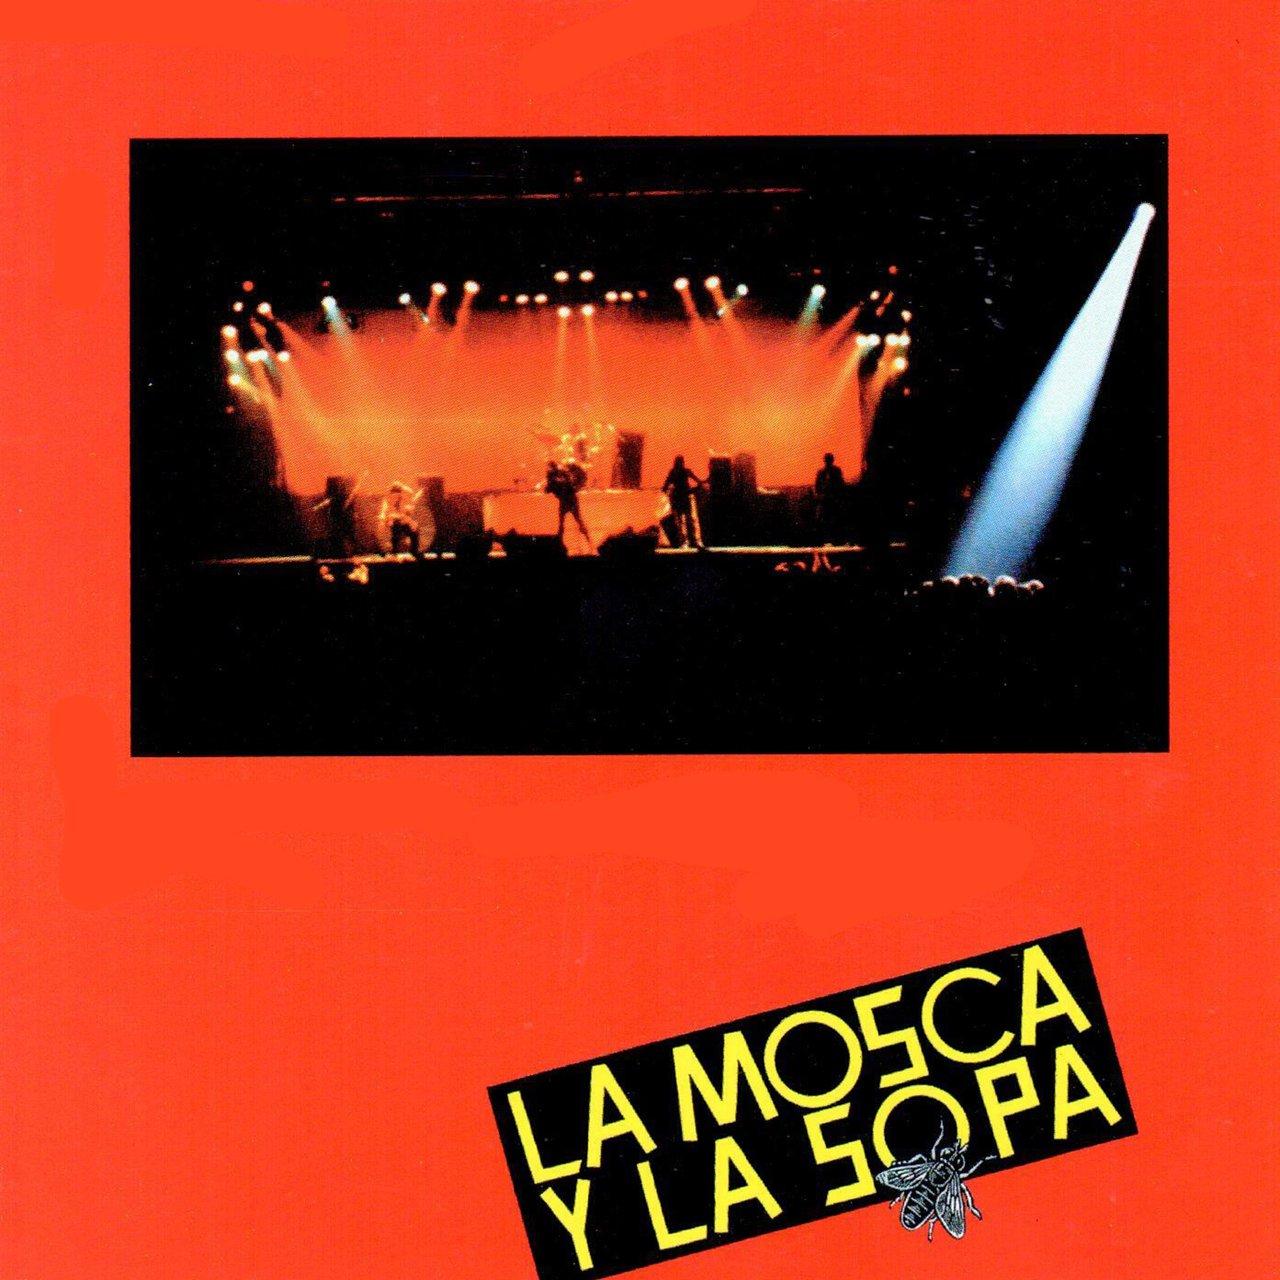 OnlyFlac: Patricio Rey y sus Redonditos de Ricota - La Mosca y la